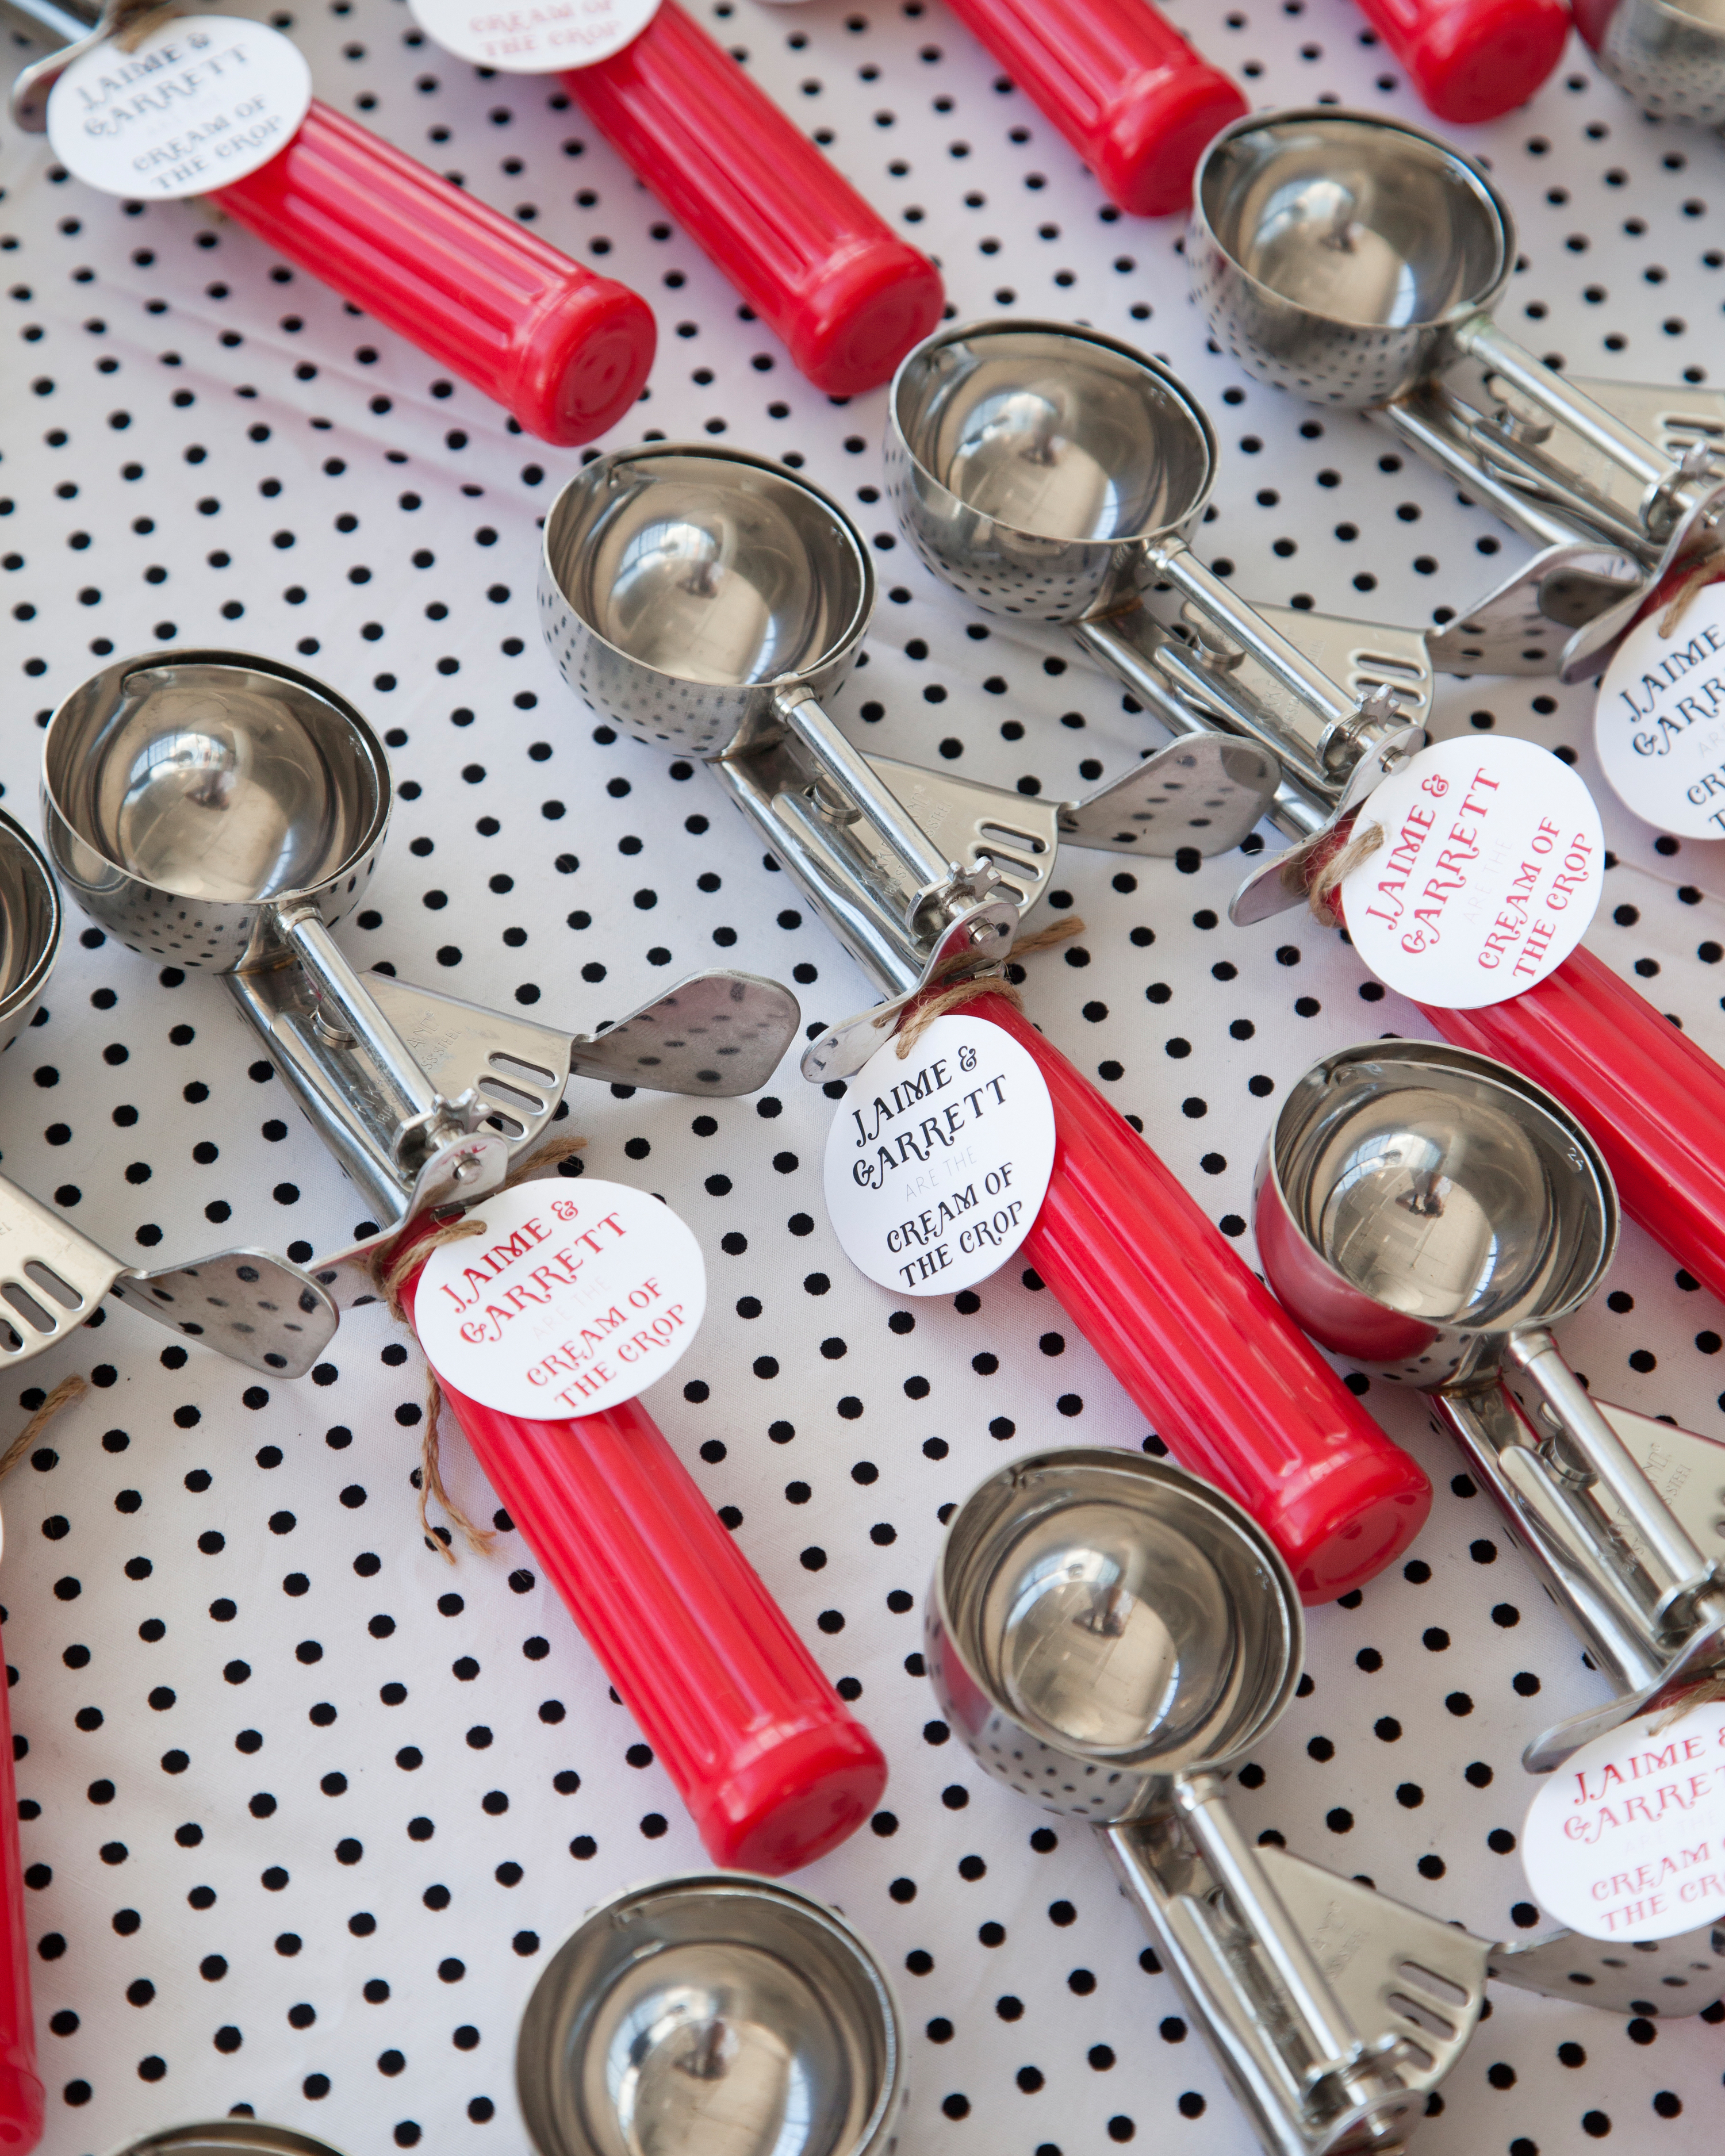 retro-ice-cream-parlor-bridal-shower-ice-cream-scoop-favors-0815.jpg